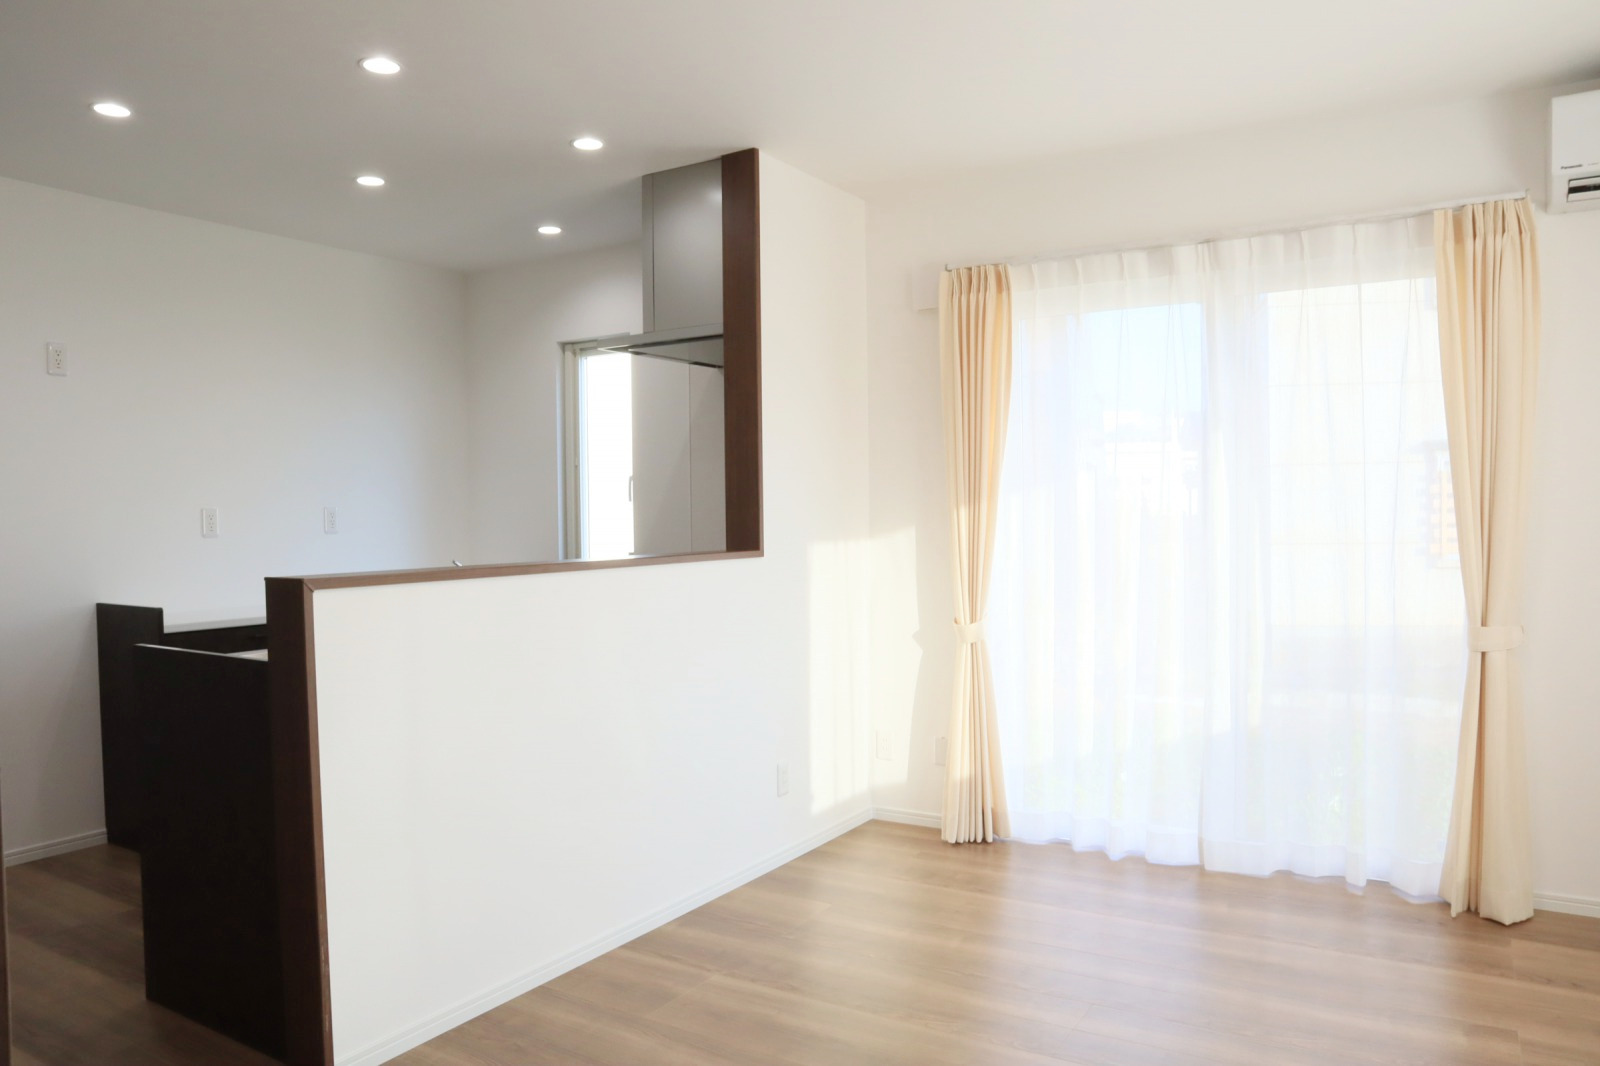 【完全予約貸切制】平川市松崎住宅展示場 グッドライフエコの家